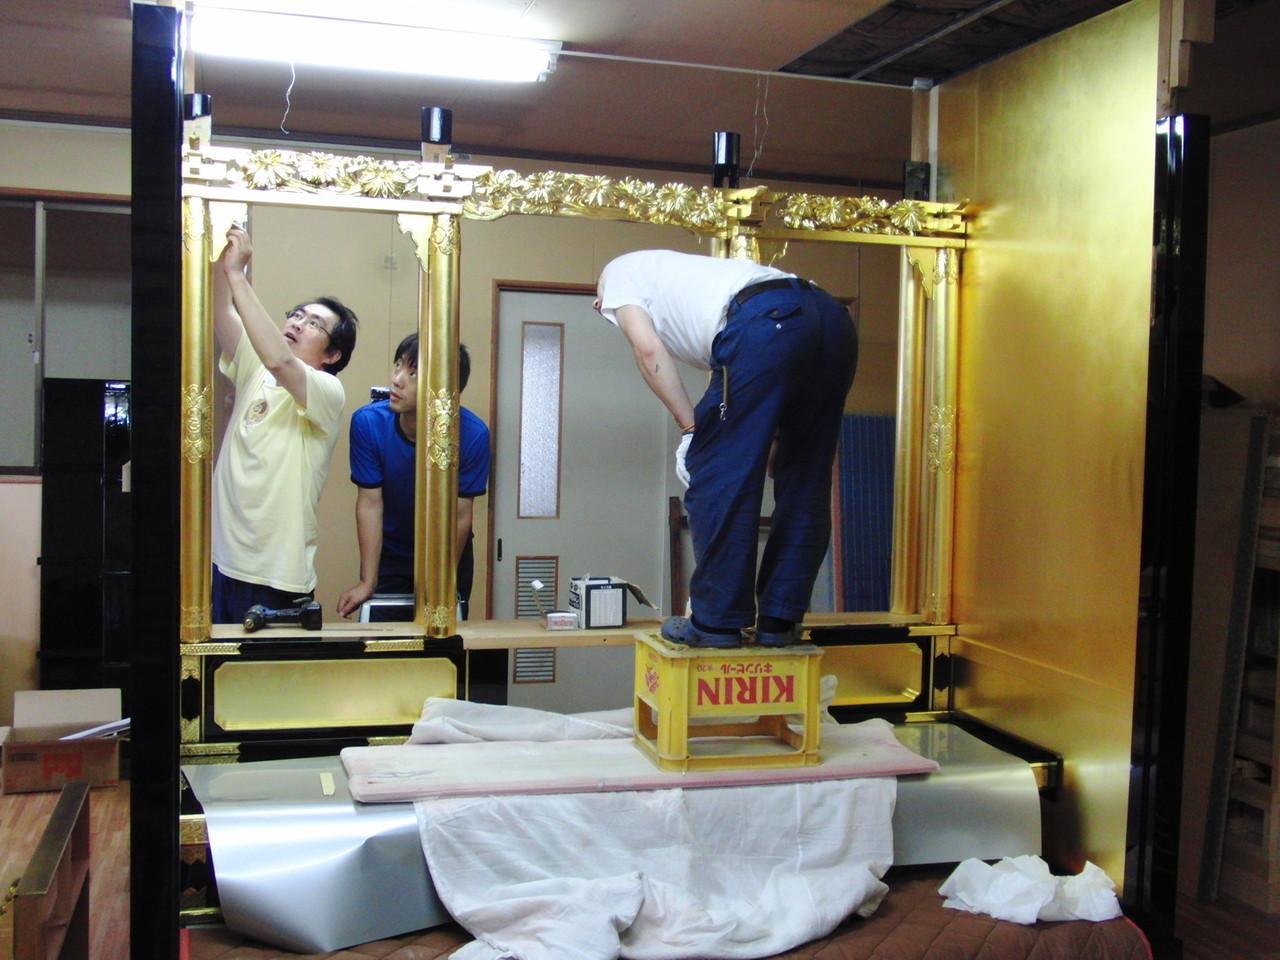 仏壇洗濯・修理 この大きさはケタ外れでした、中に入って組み上げていきました。